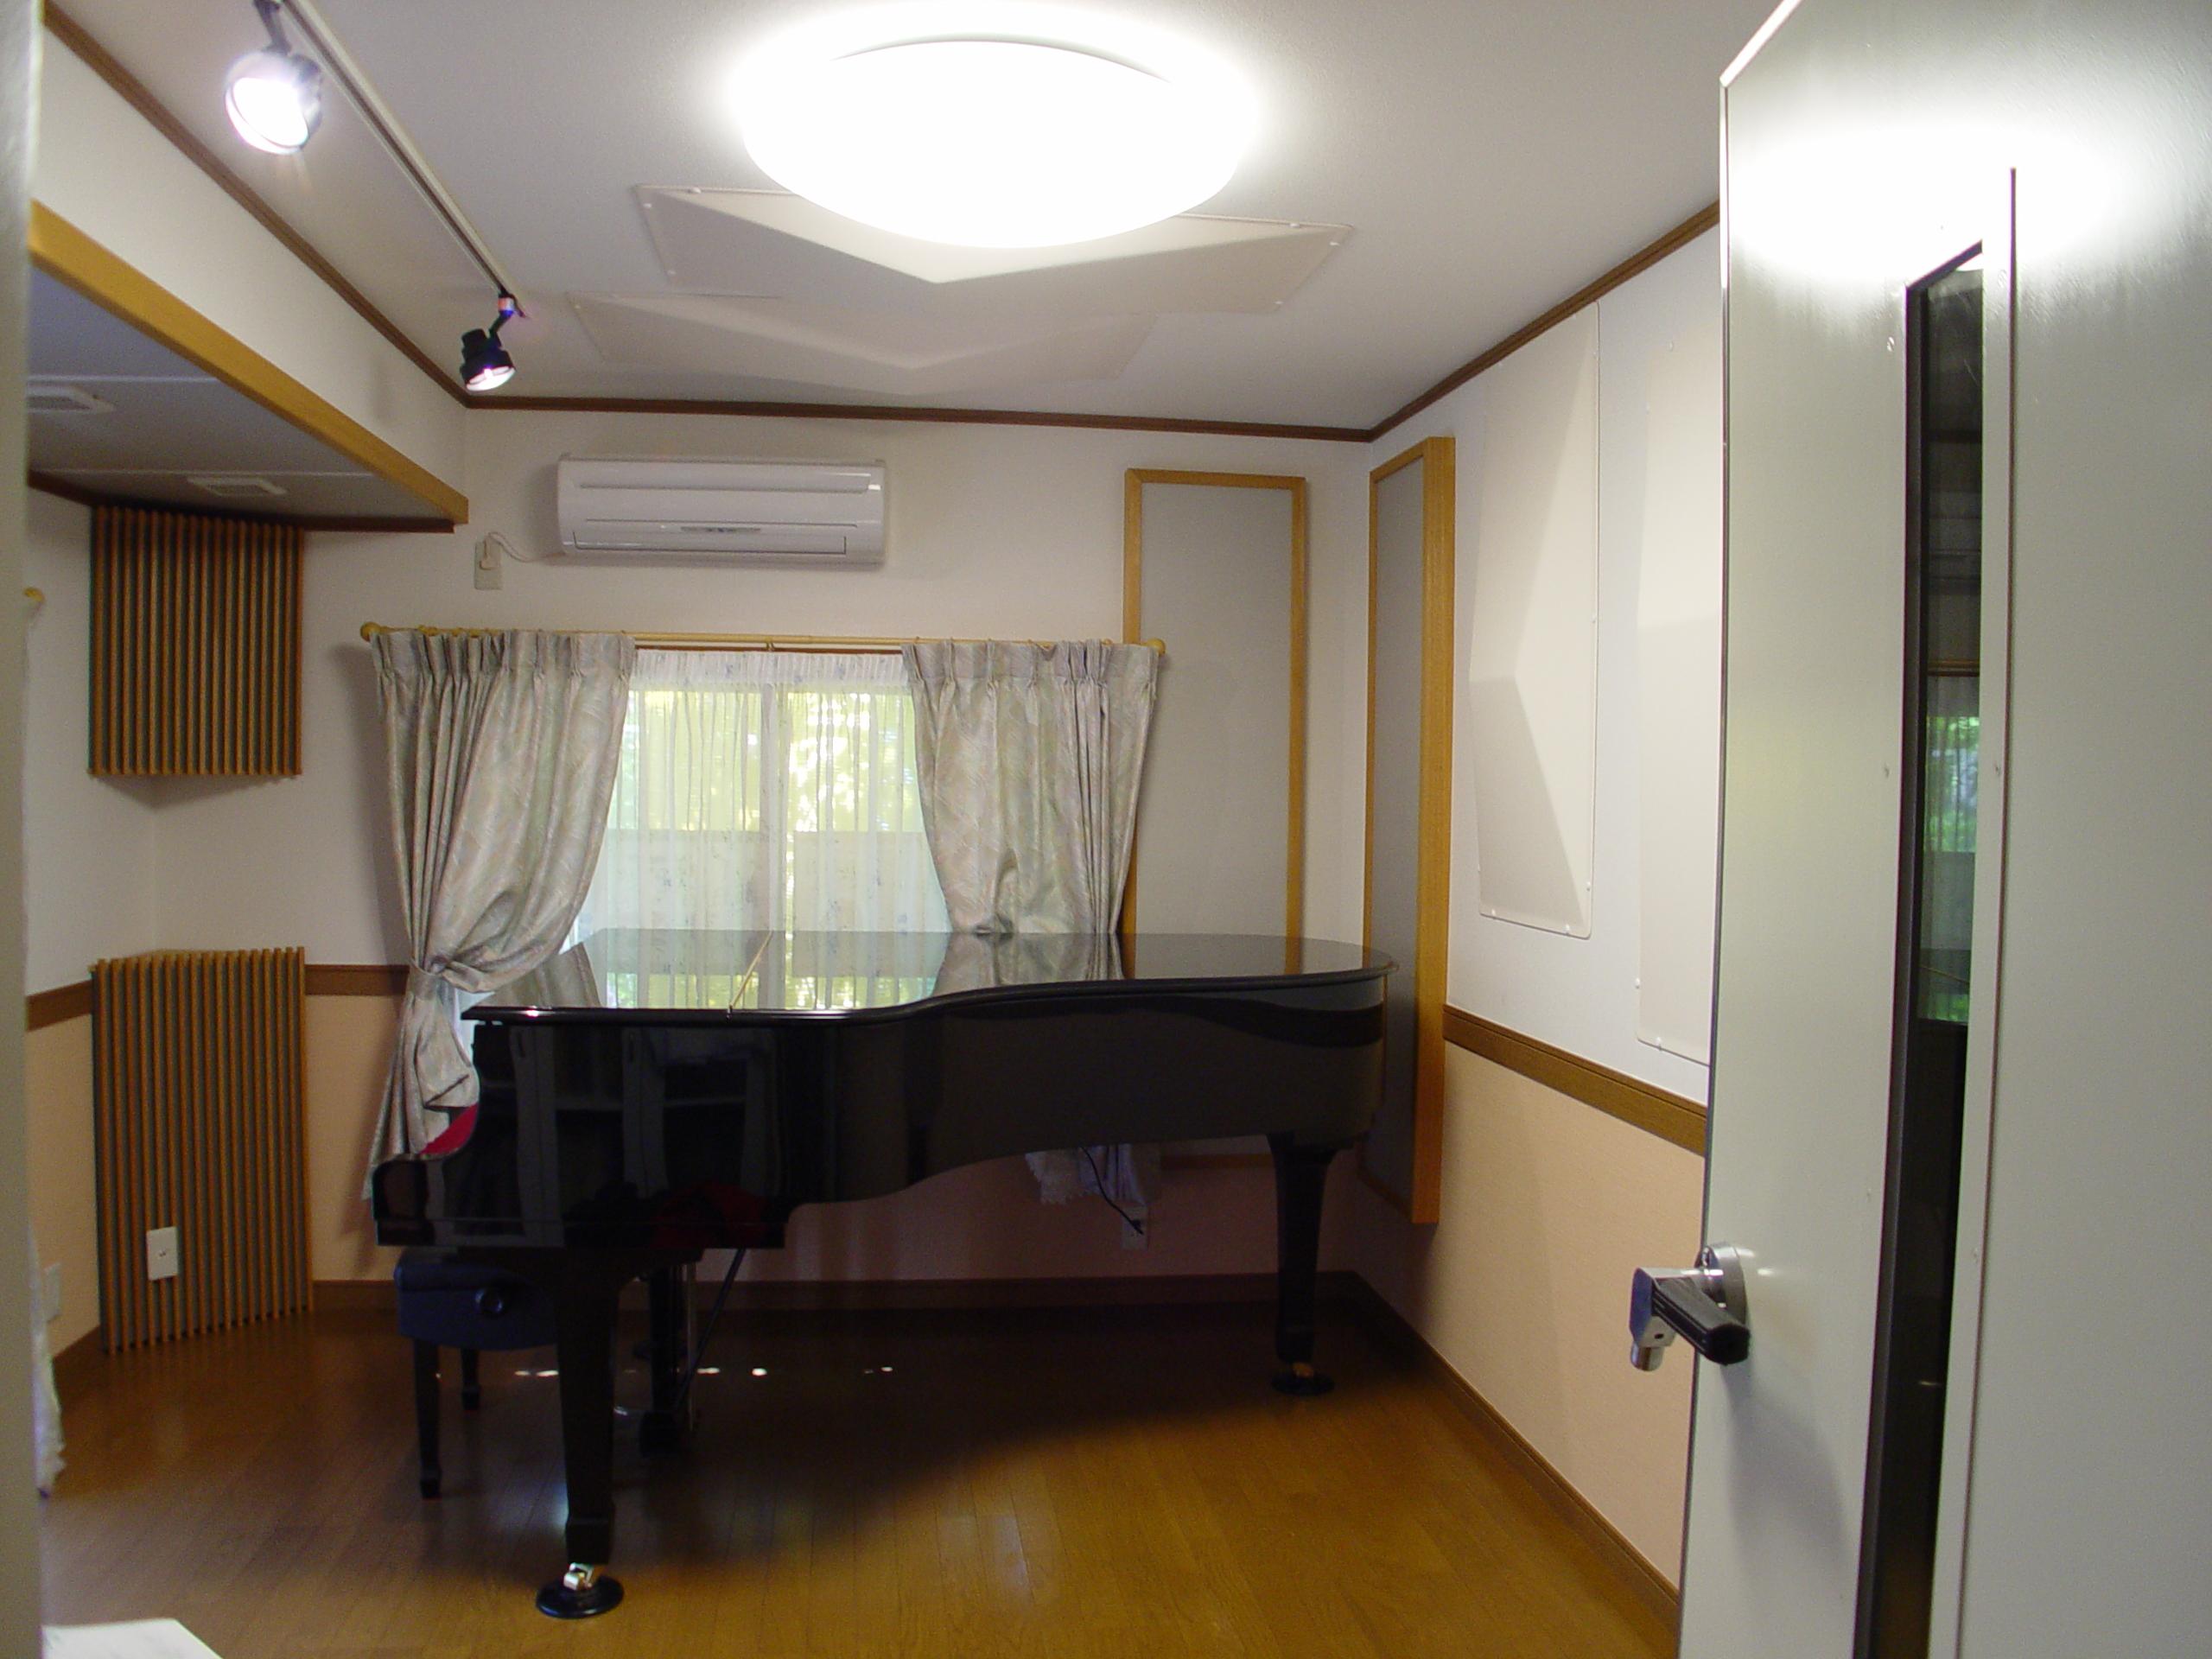 オリジナル防音室・ホール音響工事のご相談承ります。